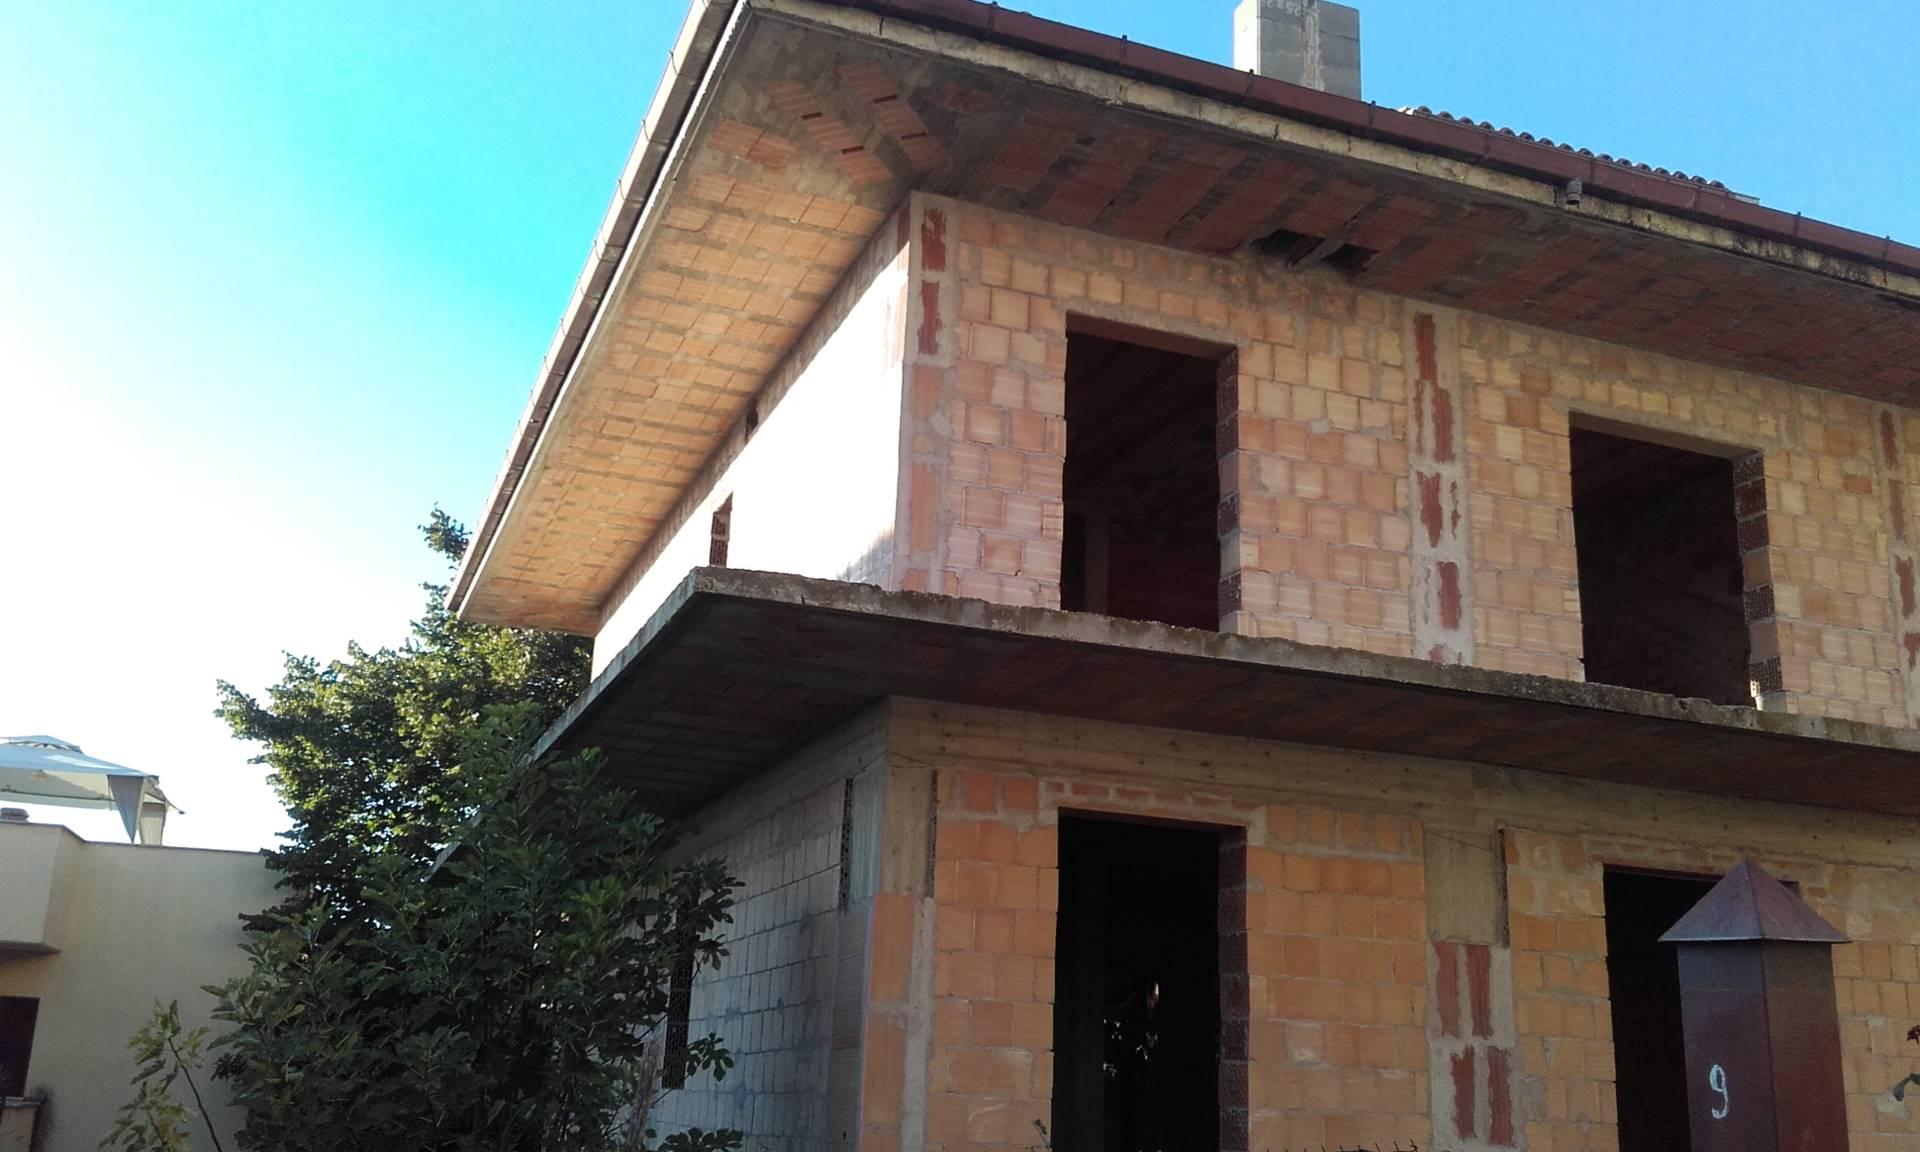 Soluzione Indipendente in vendita a Marcellina, 4 locali, zona Località: Paese, prezzo € 320.000 | Cambio Casa.it